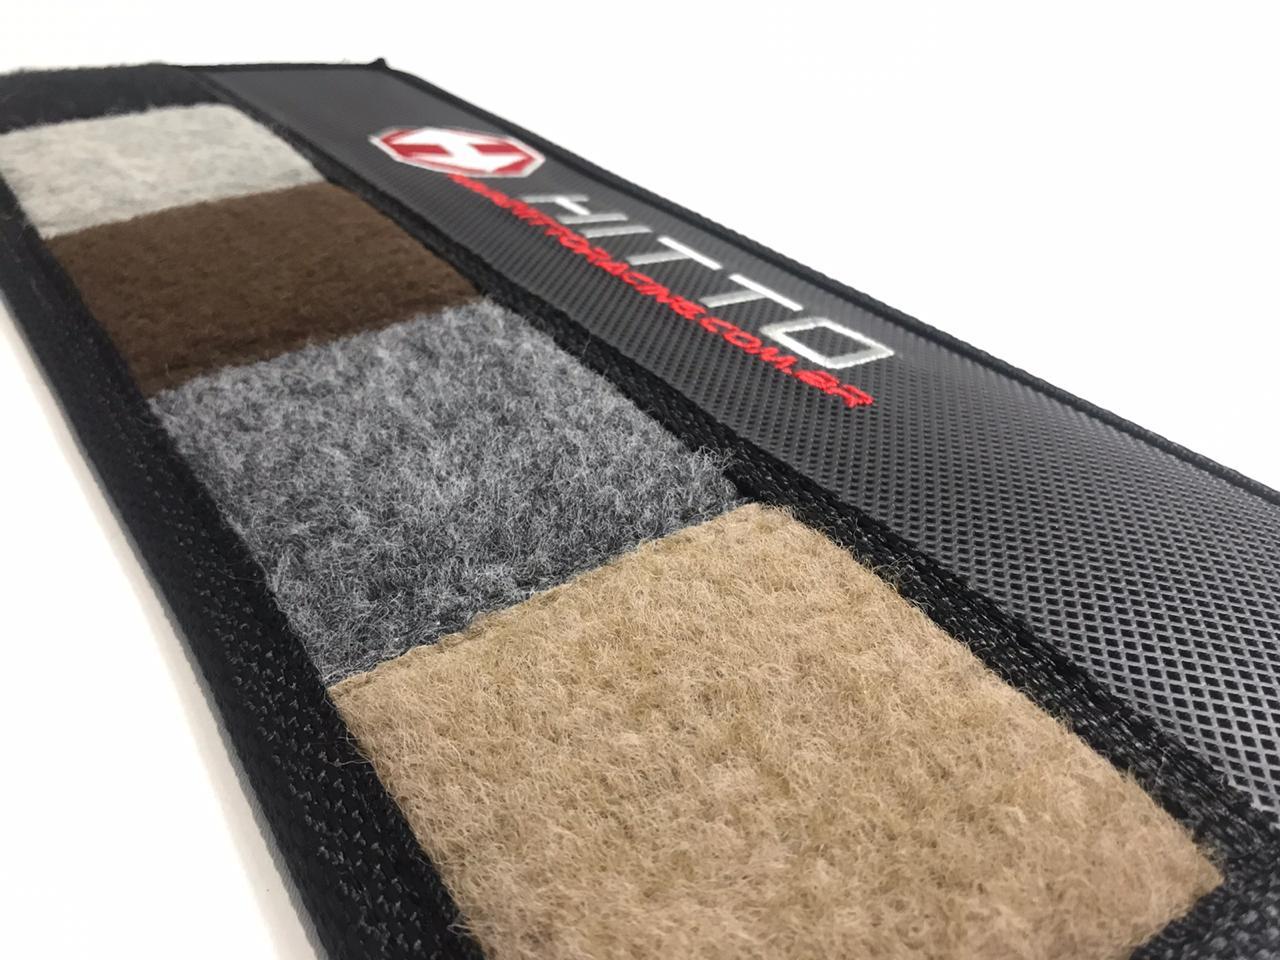 Tapete Carpete Luxo Gm D40 Hitto O Melhor